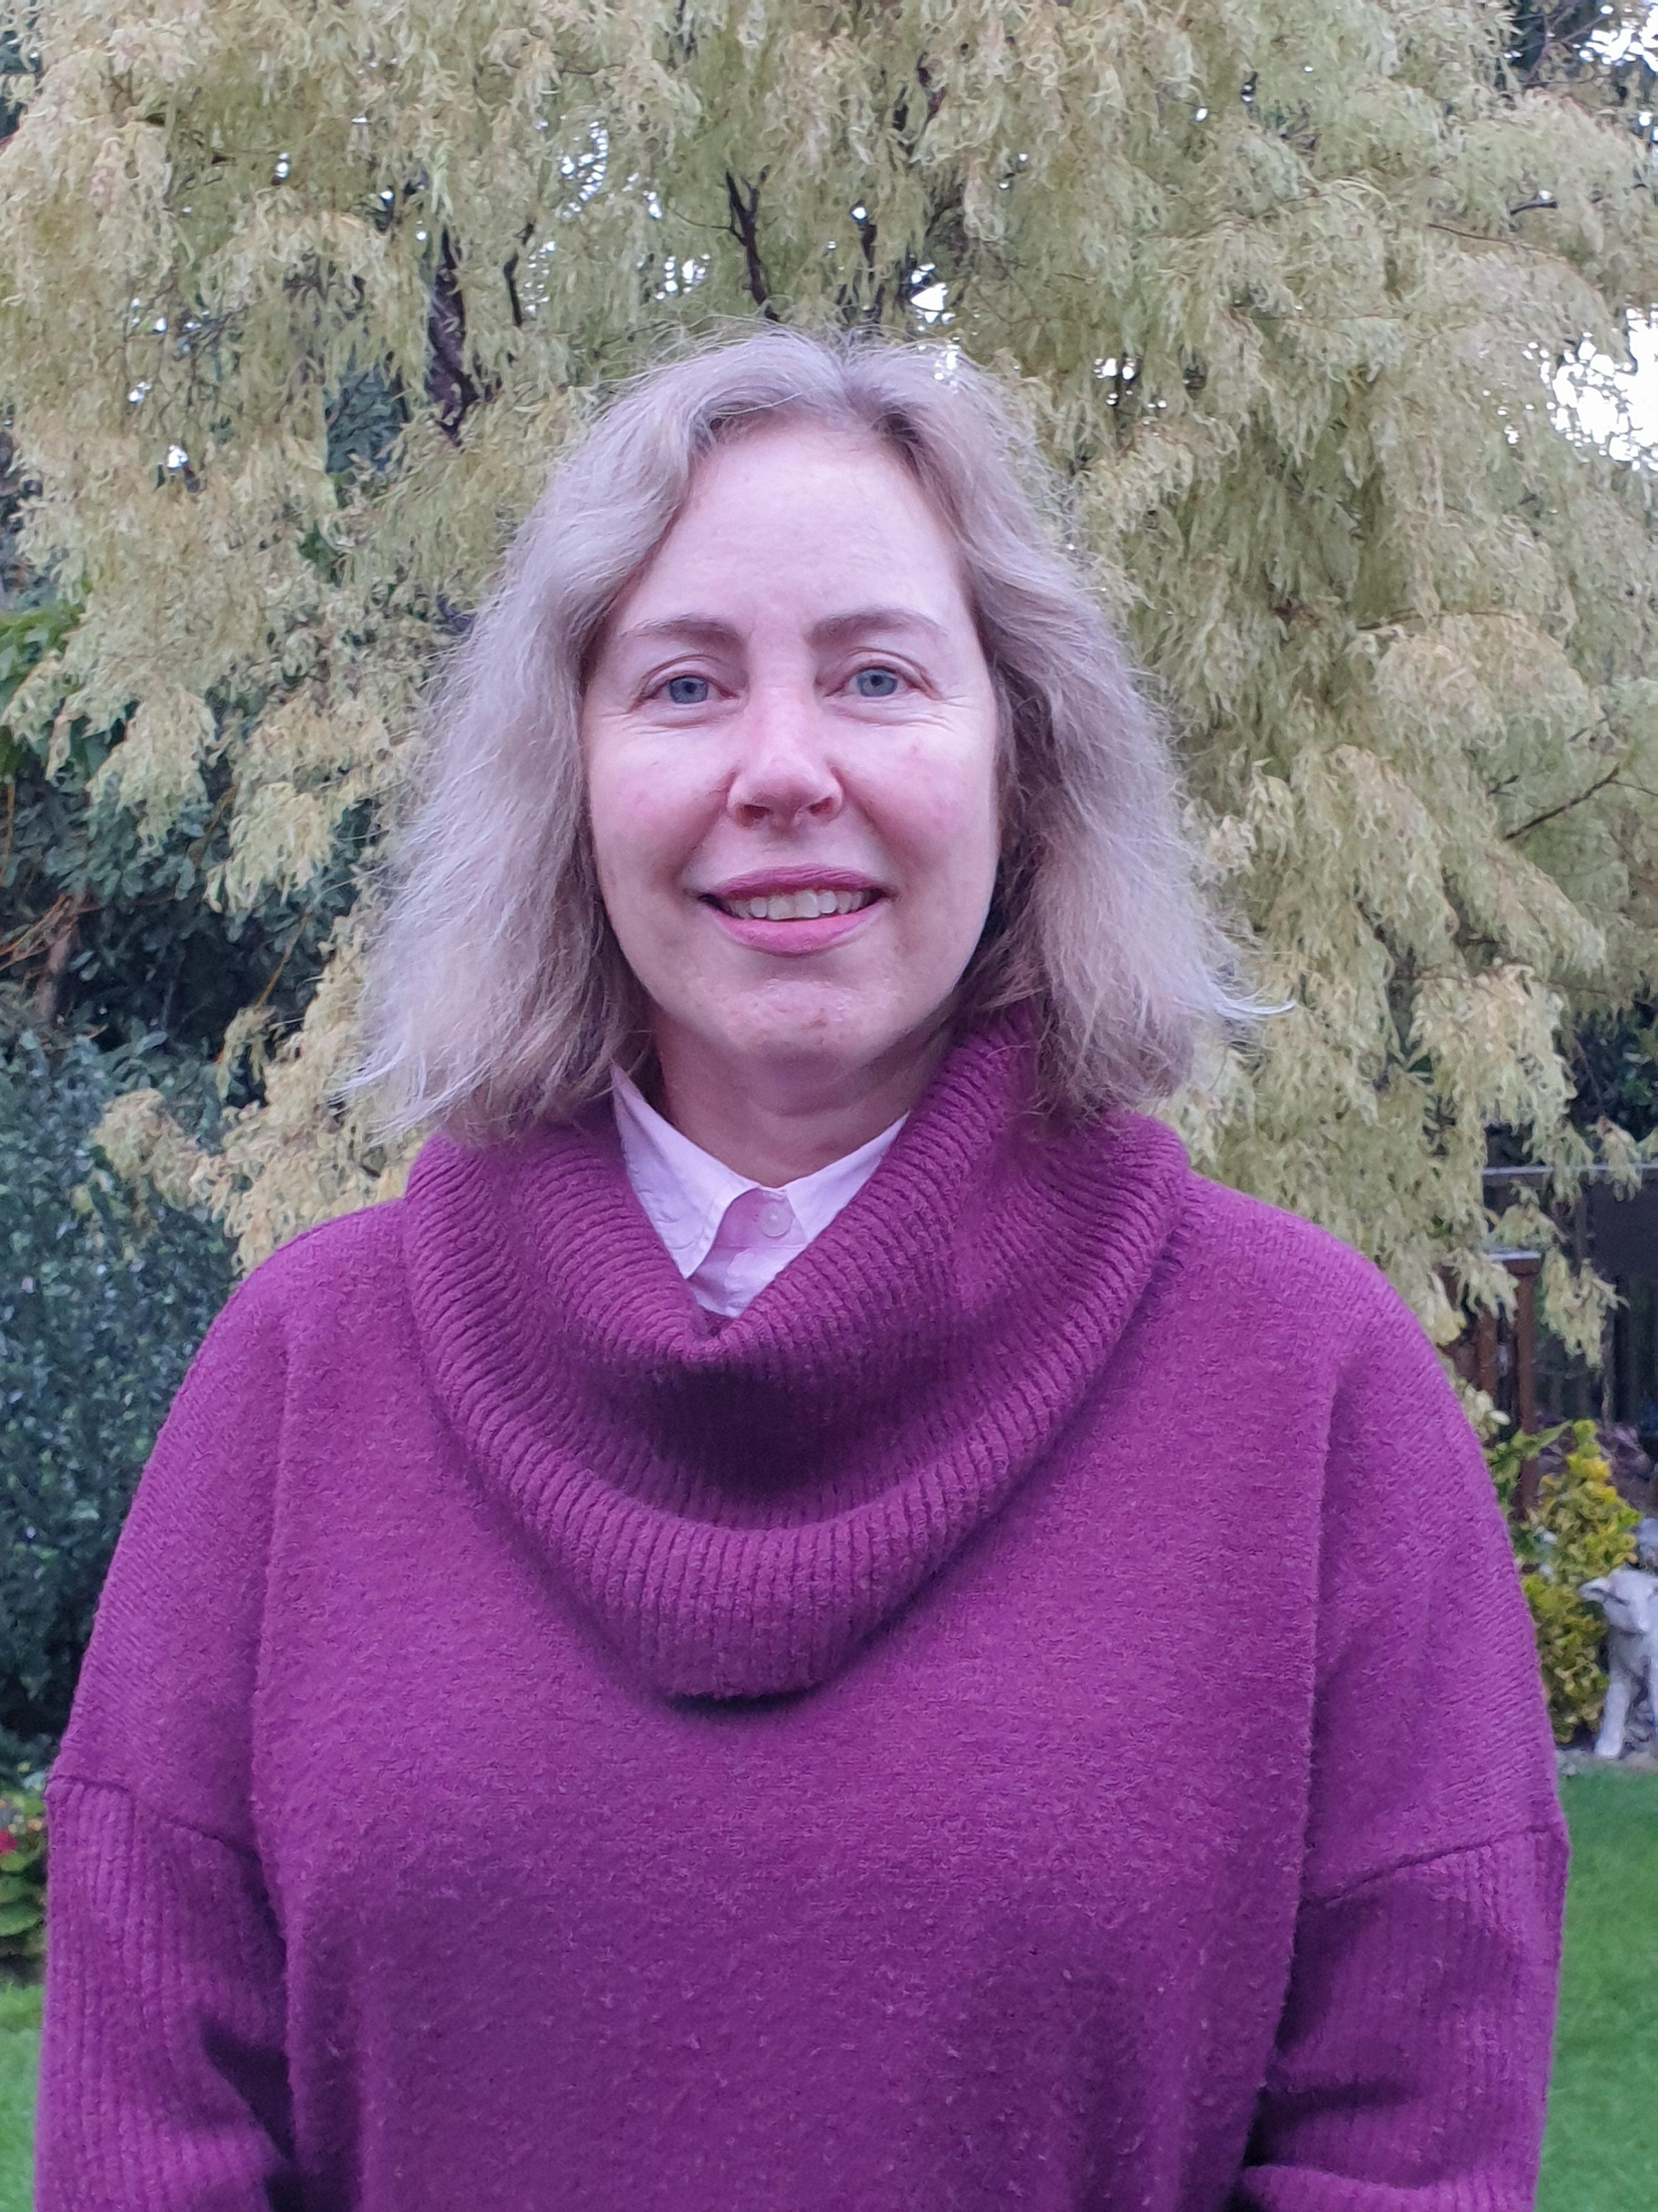 Julie Blanden